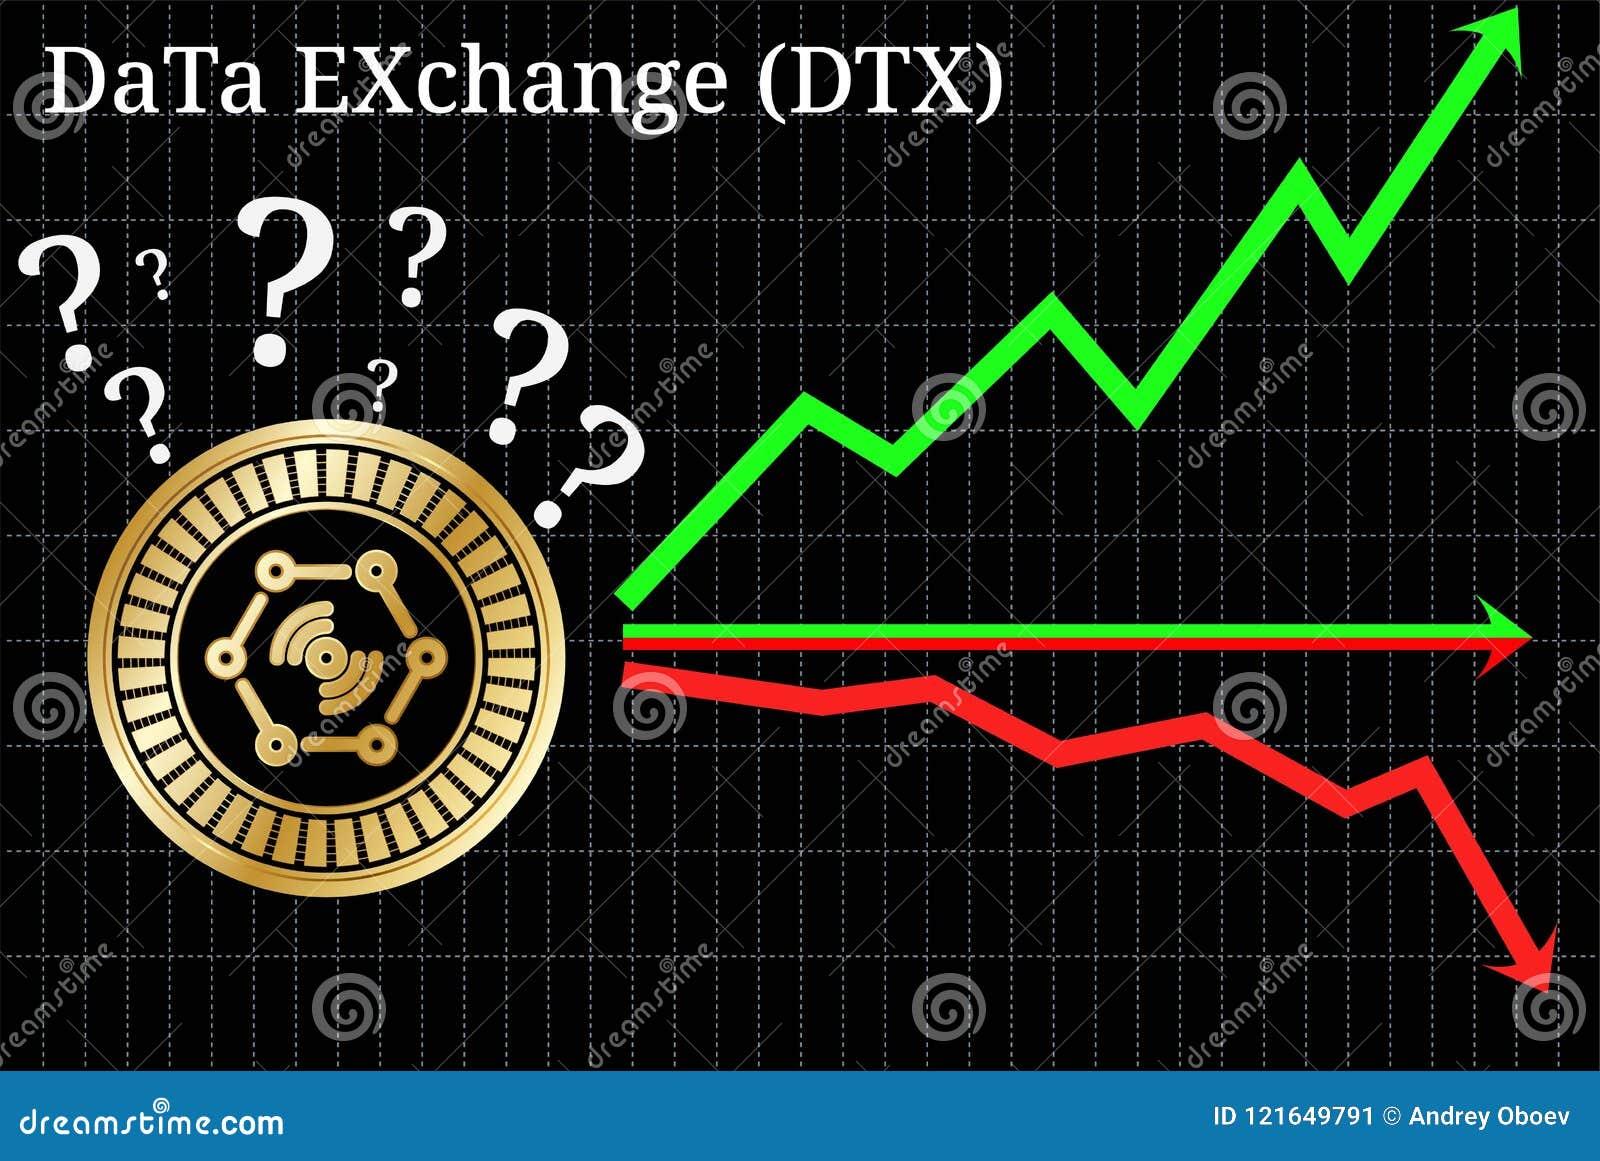 展望数据交换的DTX cryptocurrency可能的图表-,下来或者水平地 图表